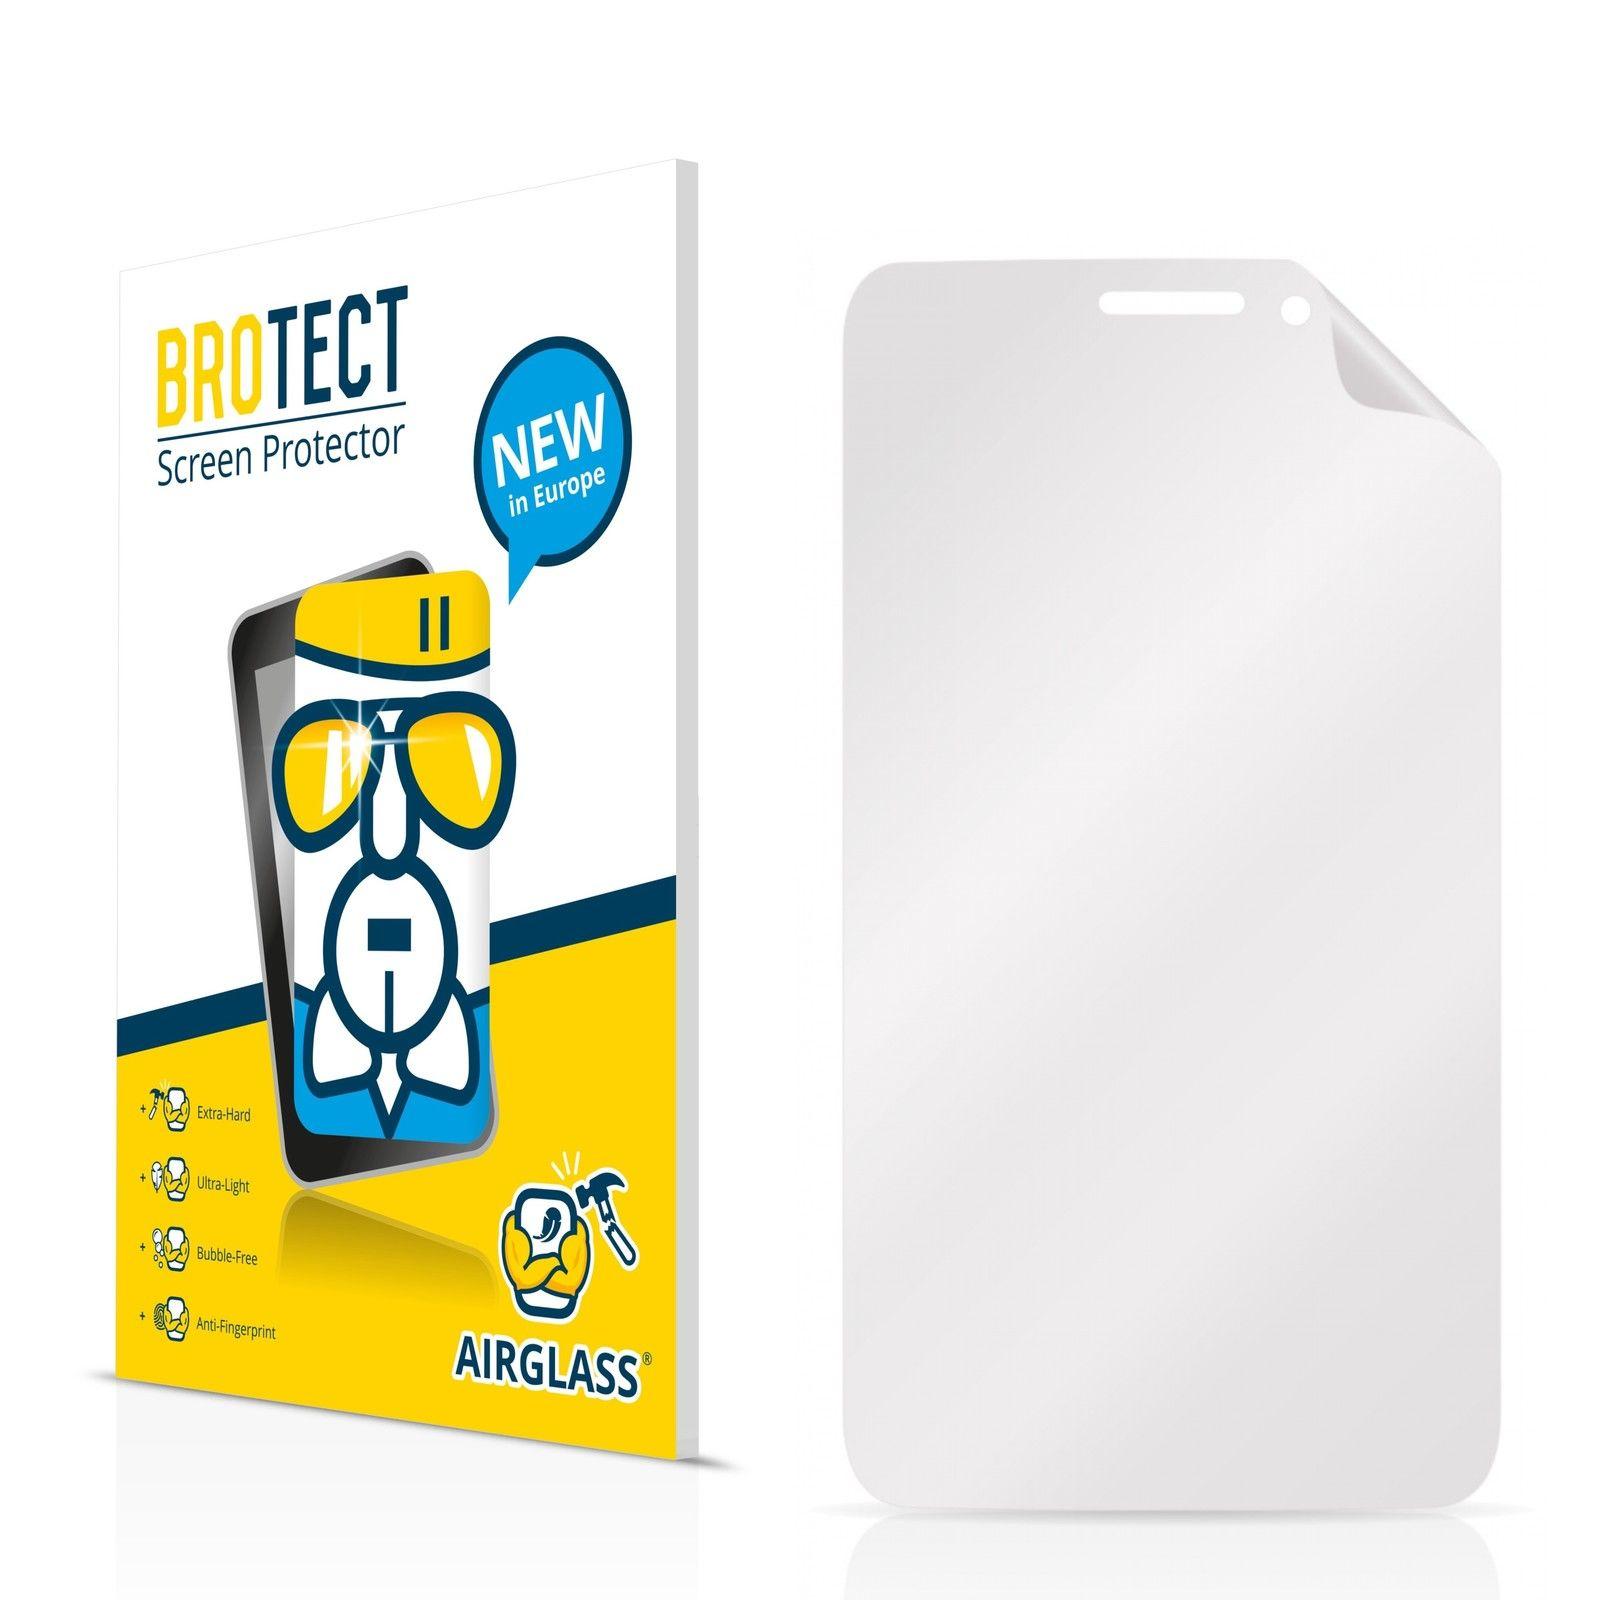 Extra tvrzená ochranná fólie (tvrzené sklo) AirGlass Brotec na LCD pro Prestigio MultiPhone 4300 DUO